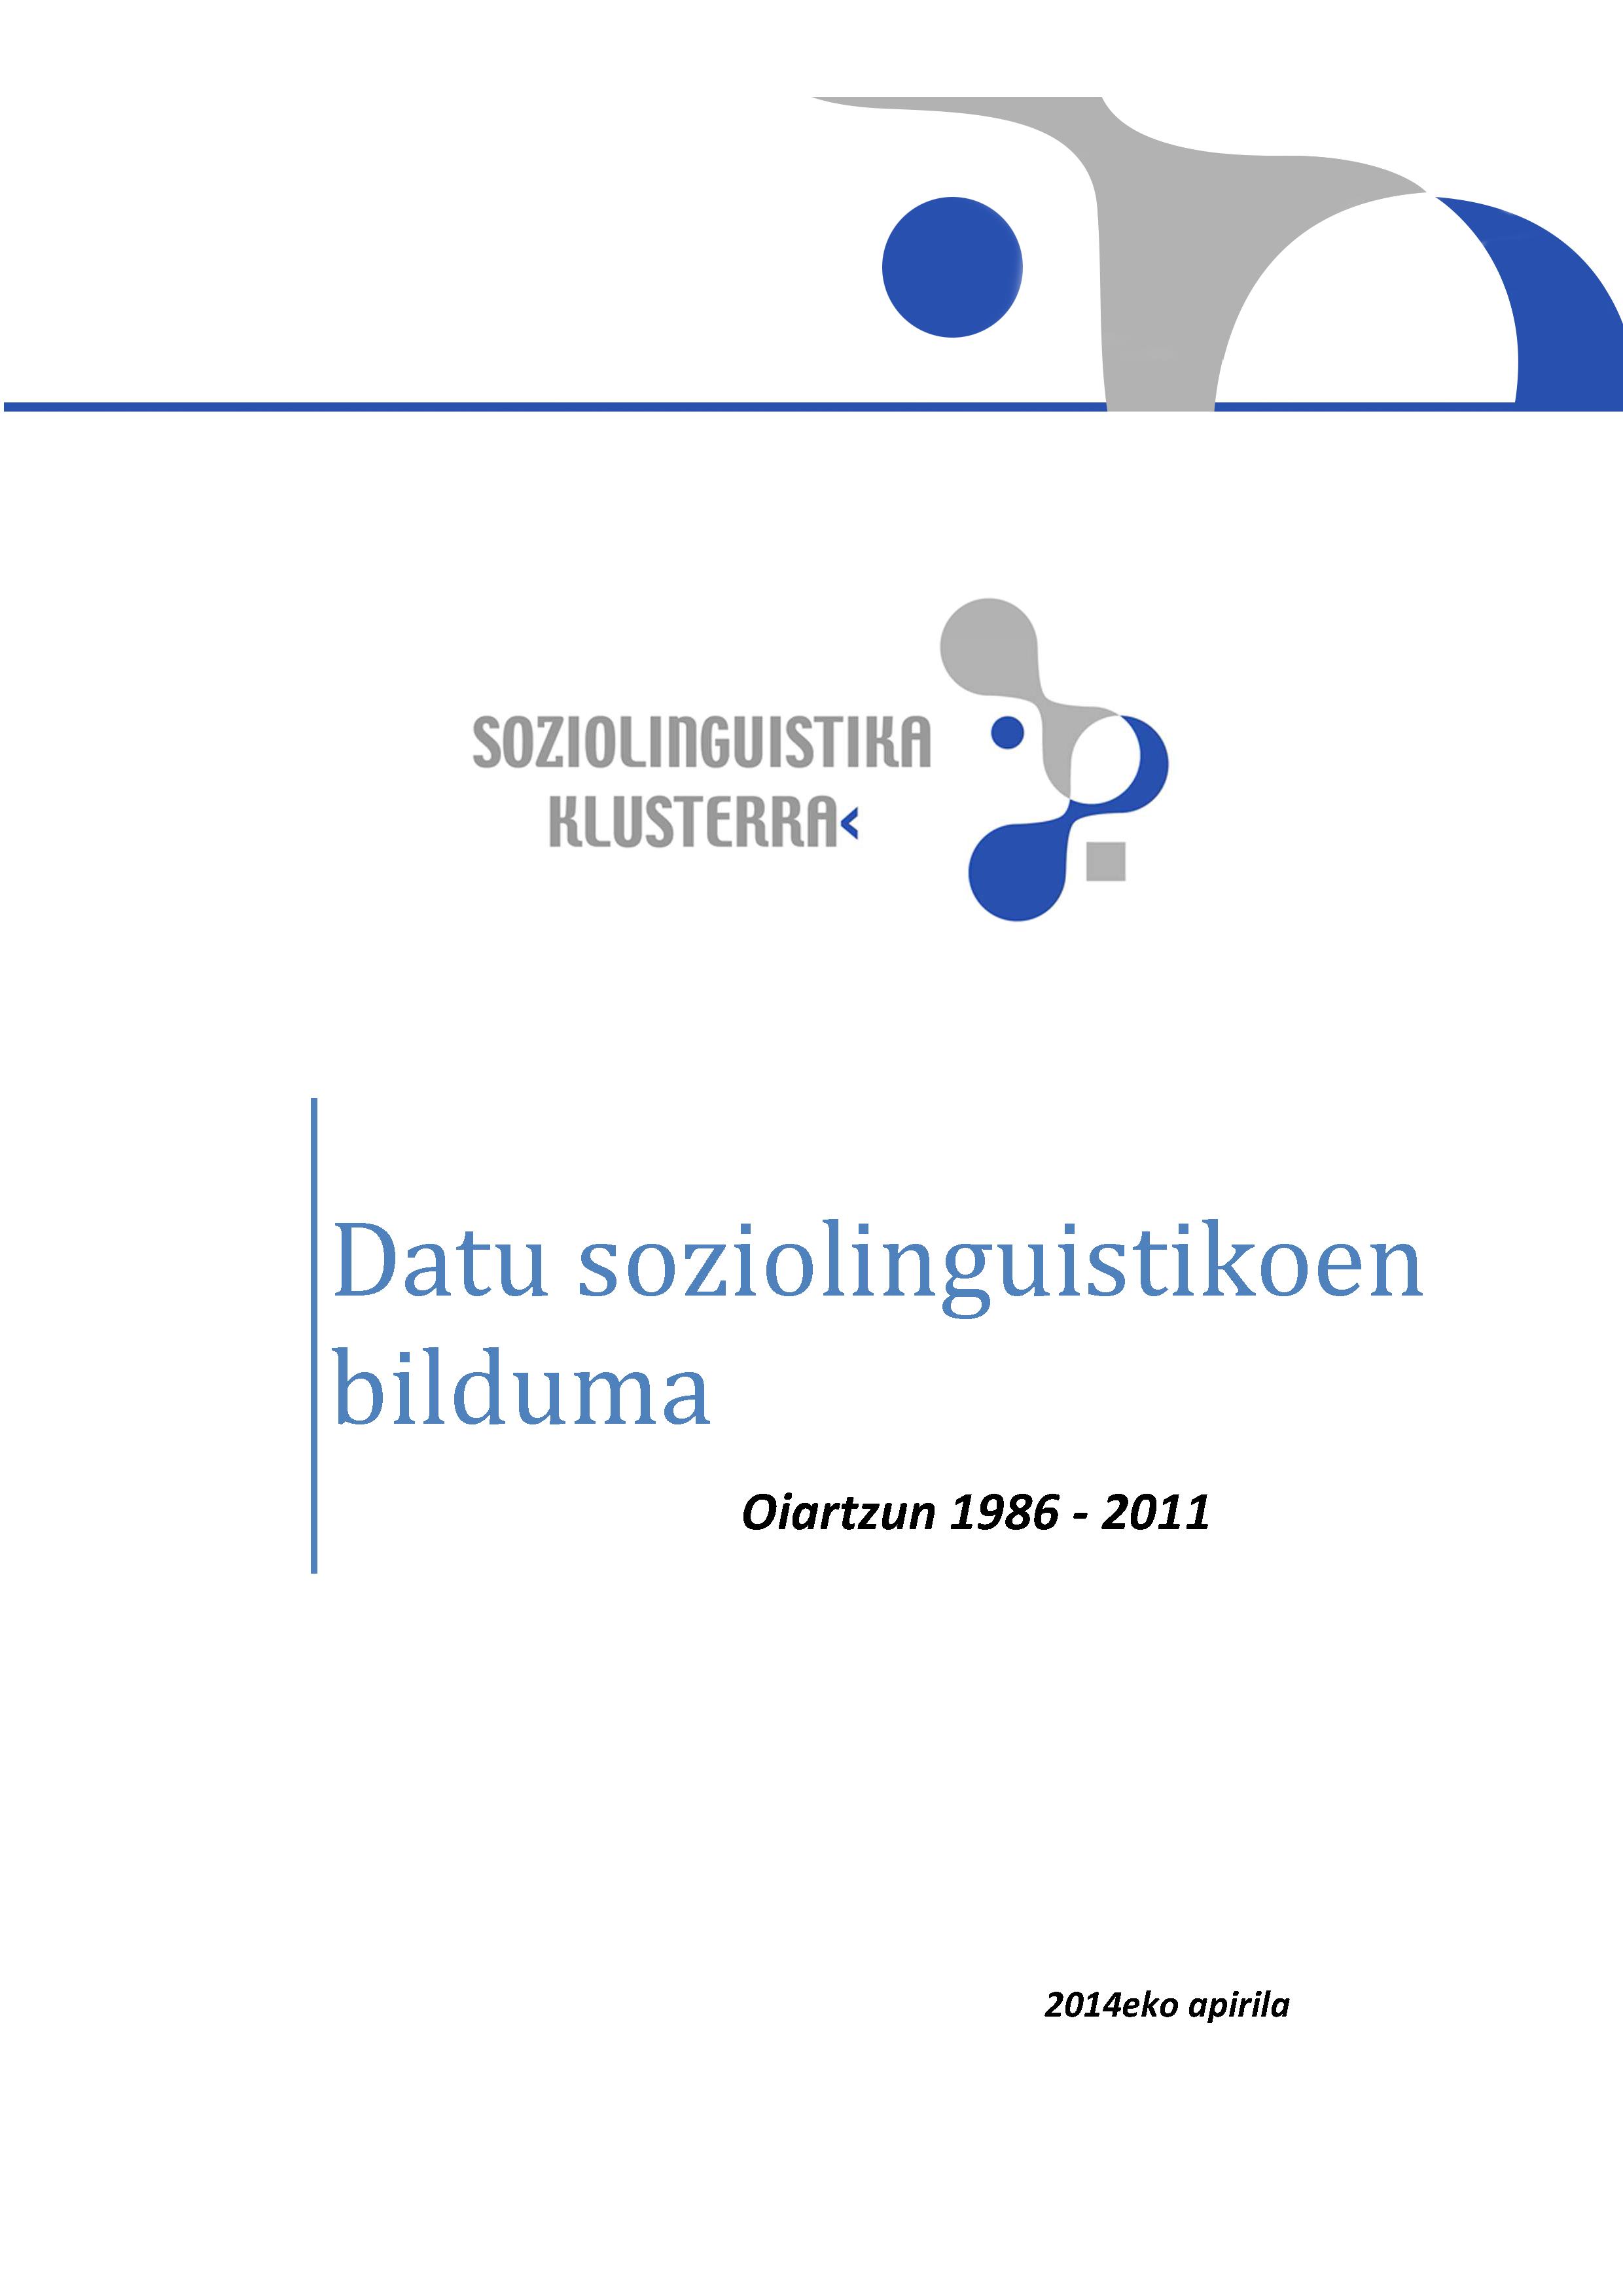 Datu Sozioliguistikoen bilduma 1986-2011